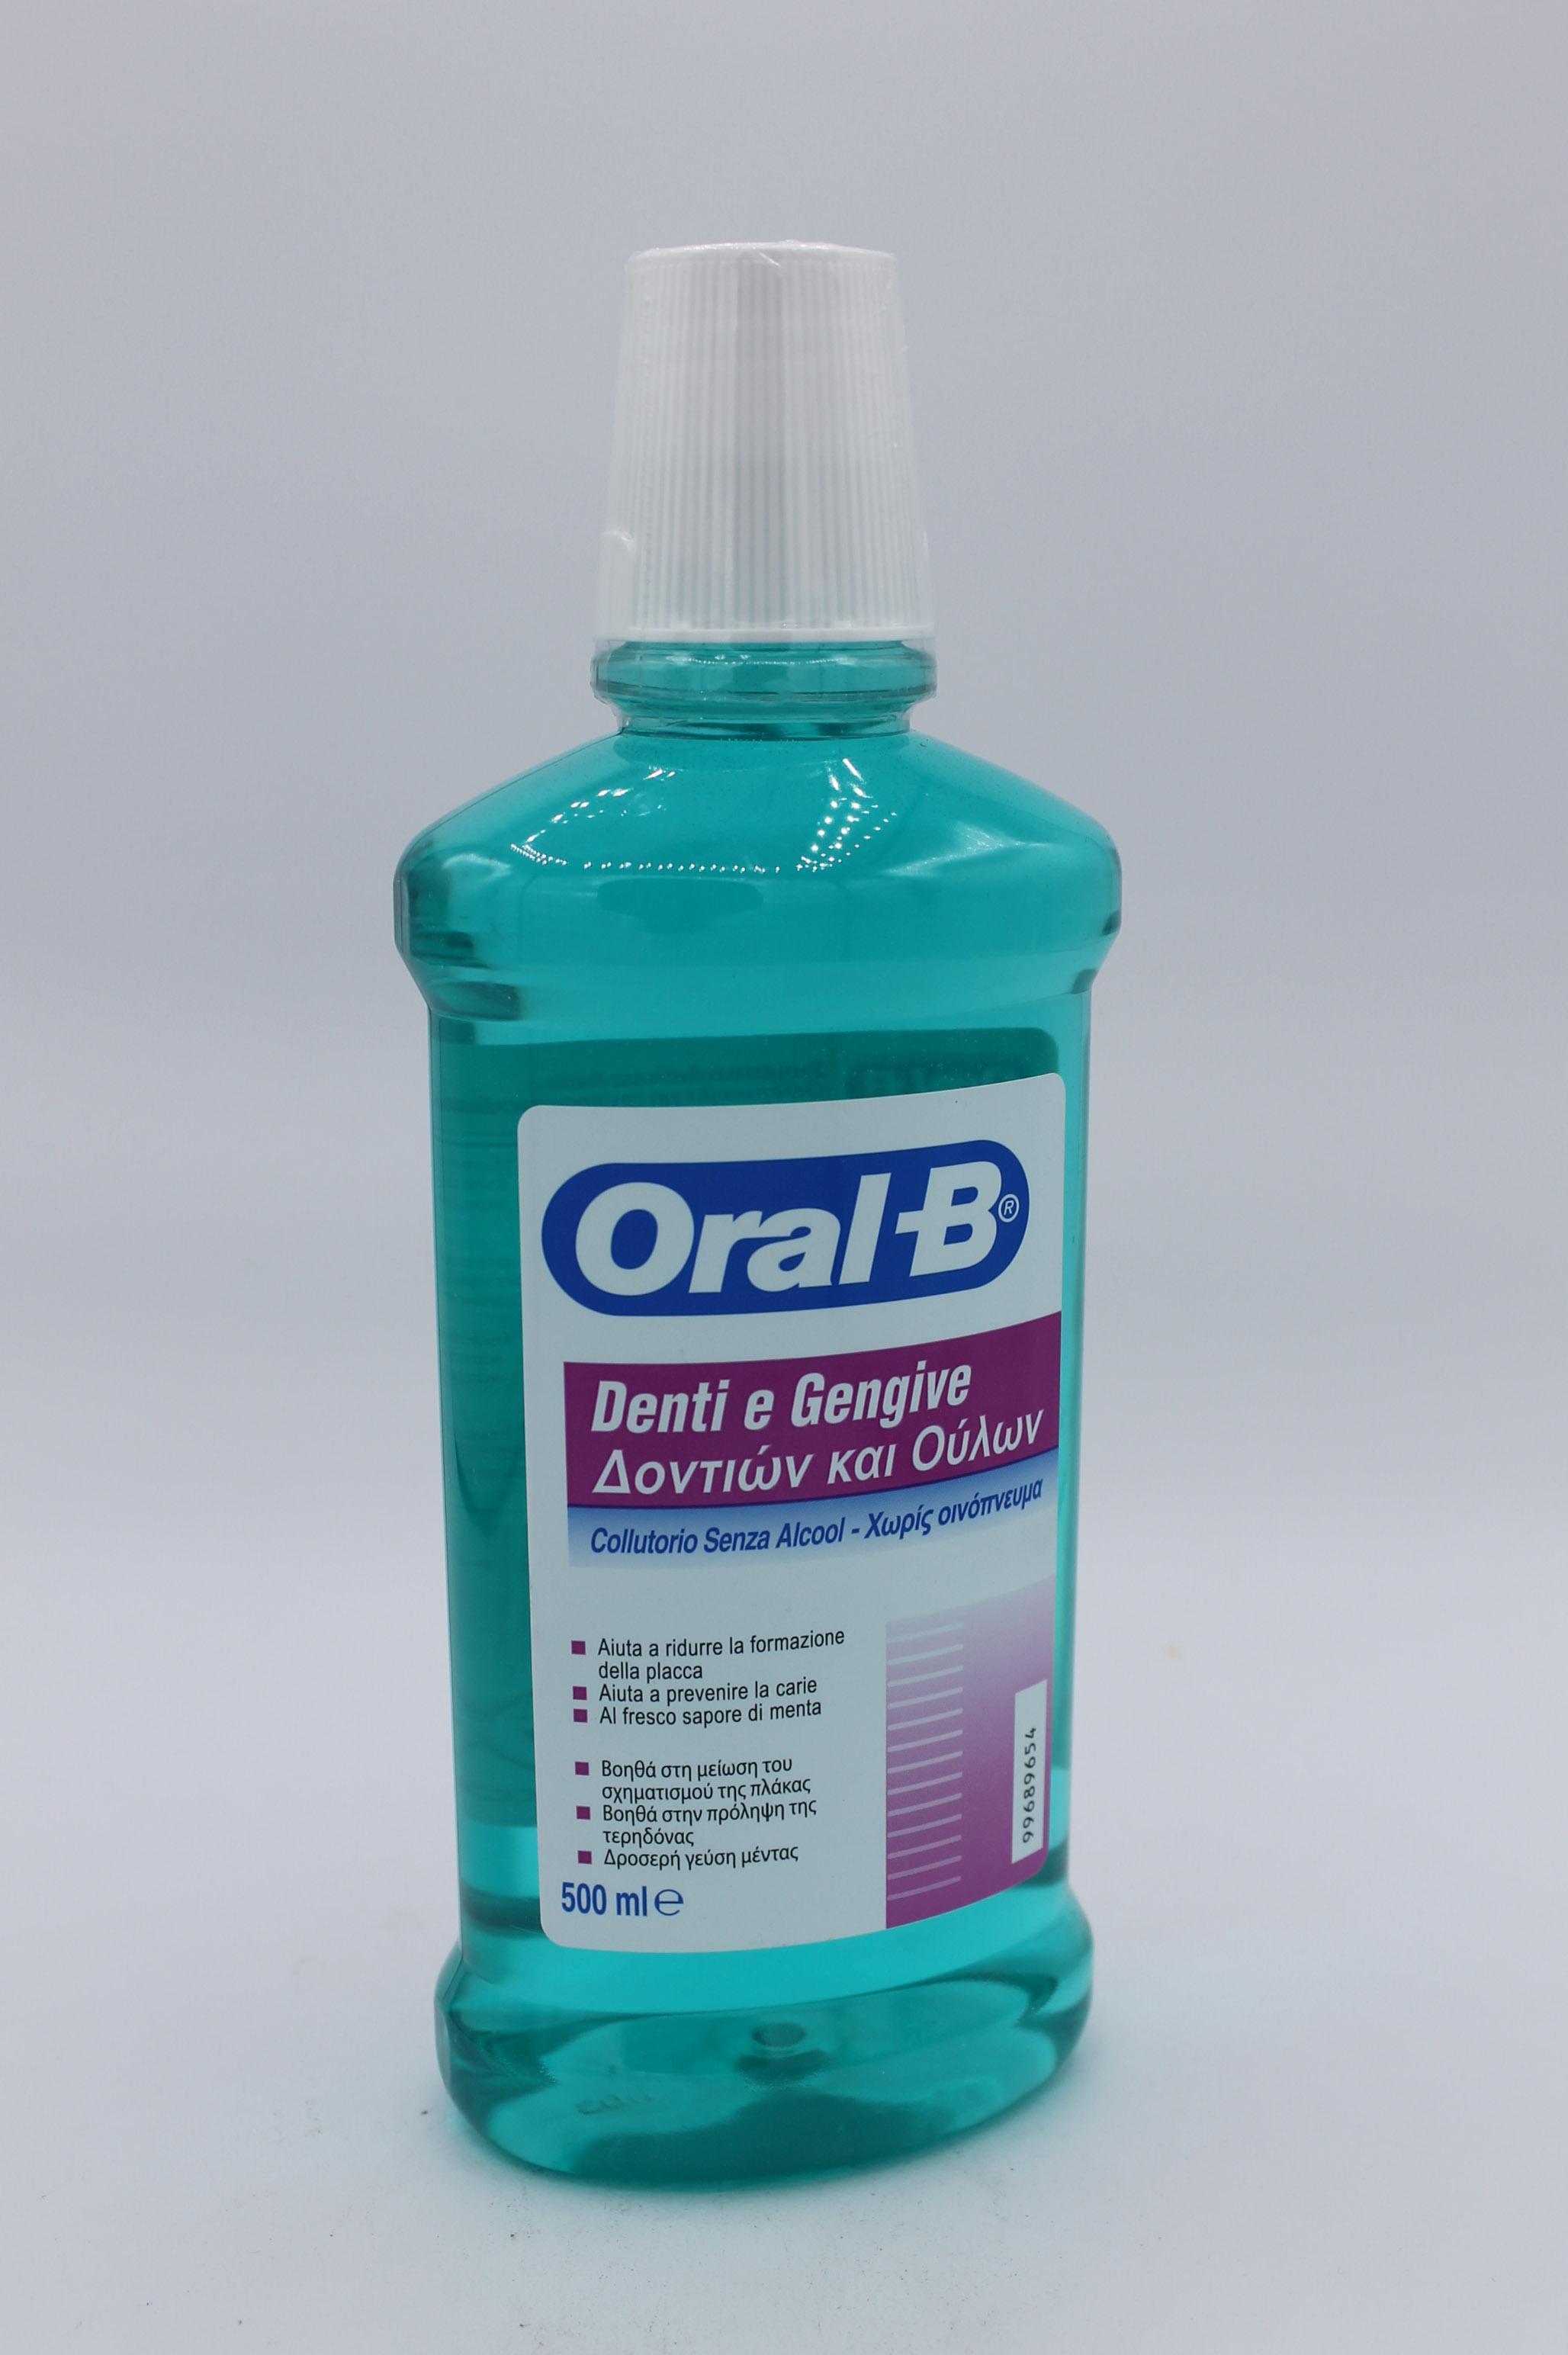 Oral B collutorio denti e gengive 500ml.